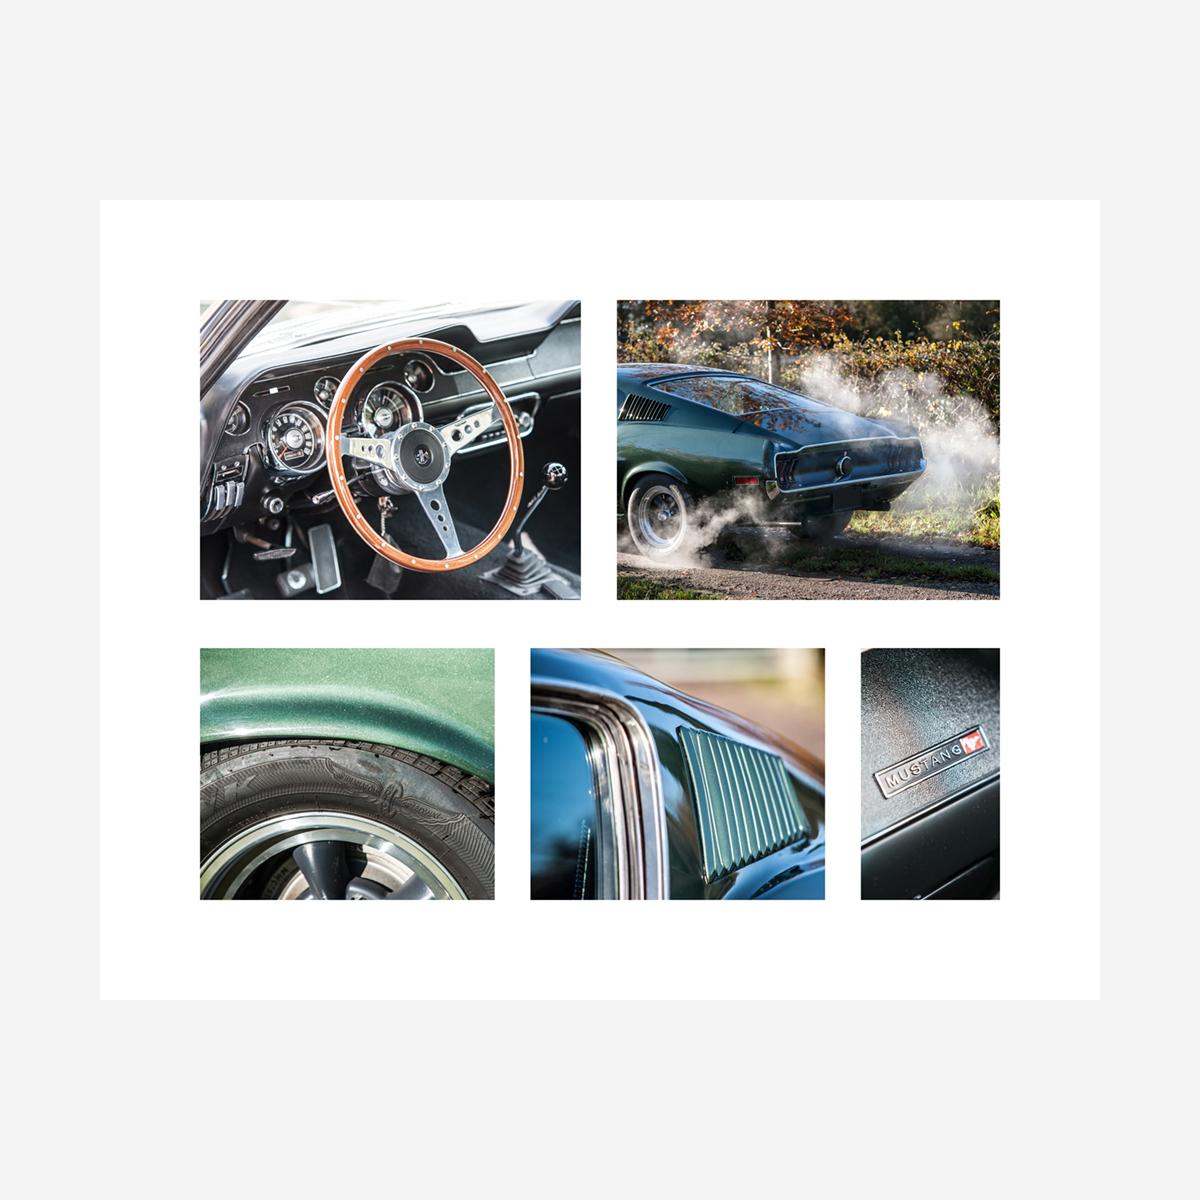 Ford Mustang %22Bullitt%22 Details - 30x24.jpg